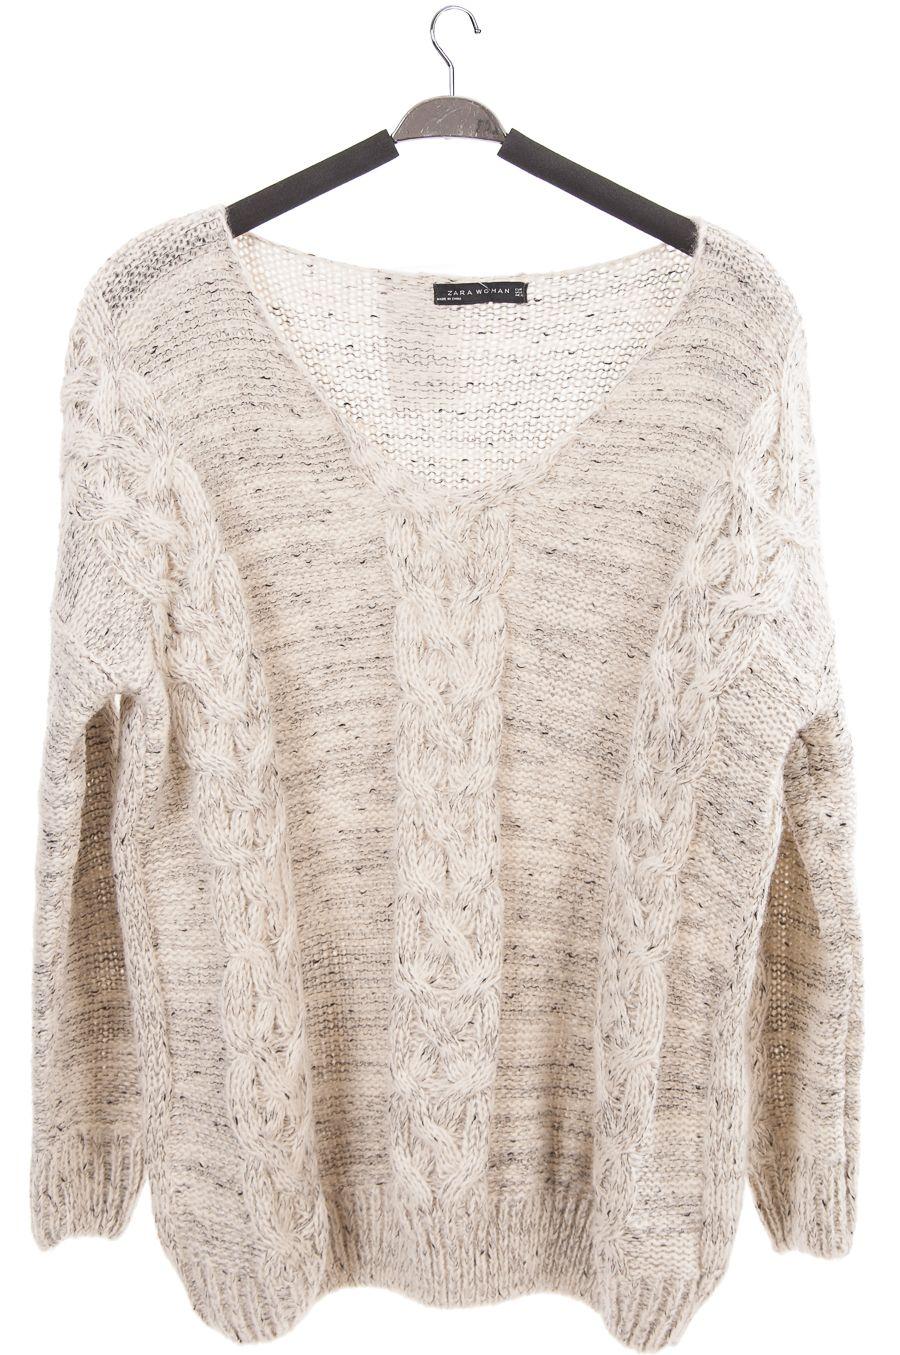 936874bfa24 Свитер объёмный ZARA — Женские свитера и вязаные кофты